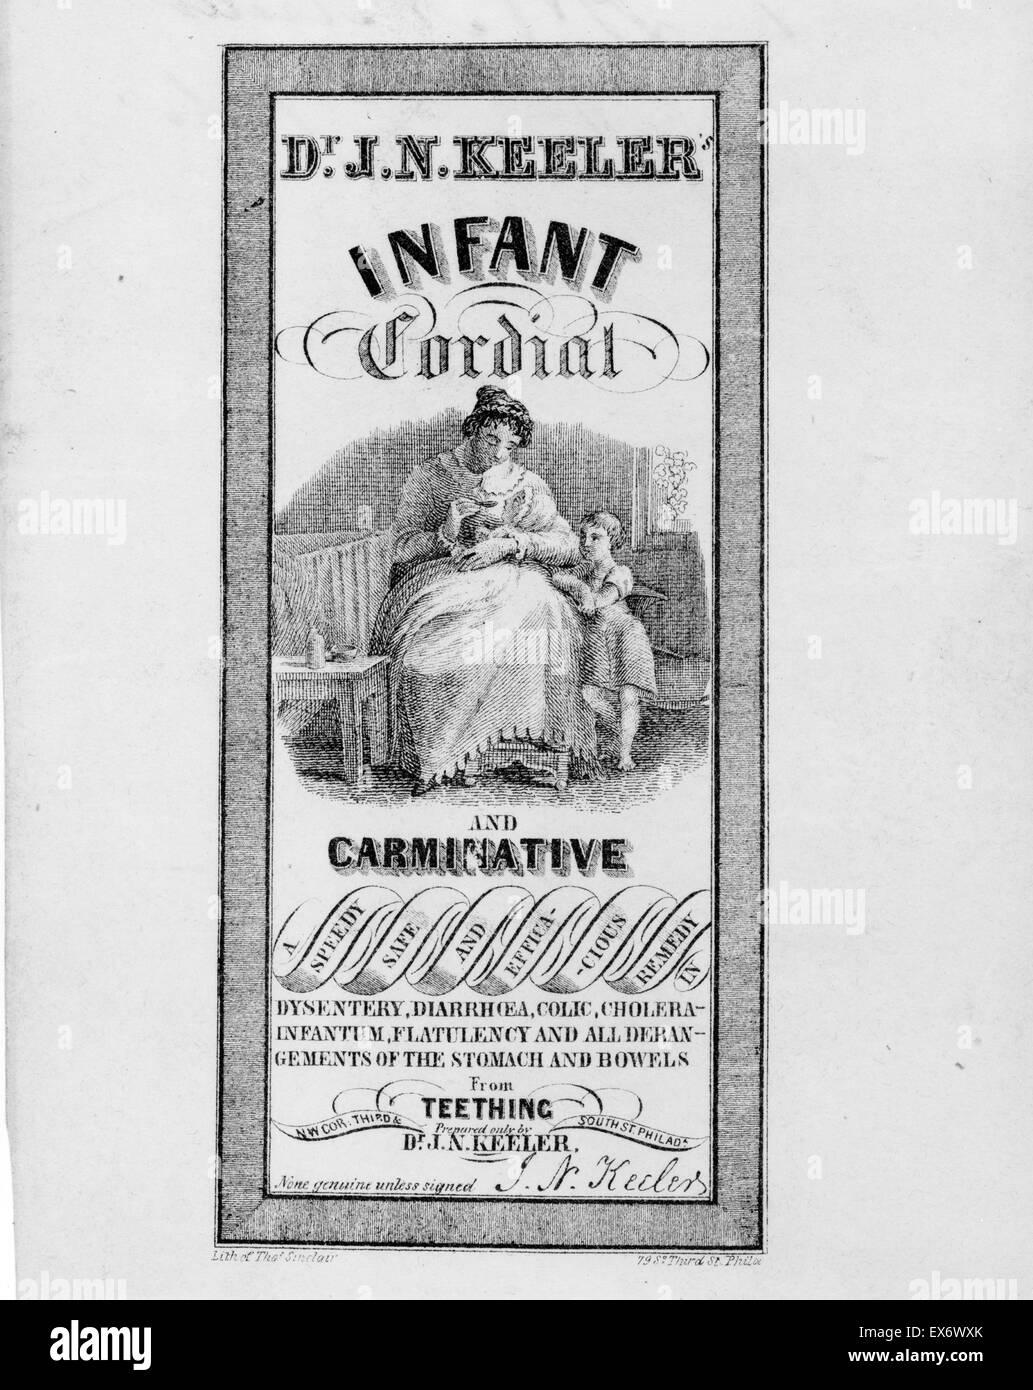 Patent-Medizin-Label Dr. J.N. Keeler Säugling herzliche und carminative Medizin zeigt eine Frau ihr Kind die Medizin geben. Datiert 1846 Stockfoto